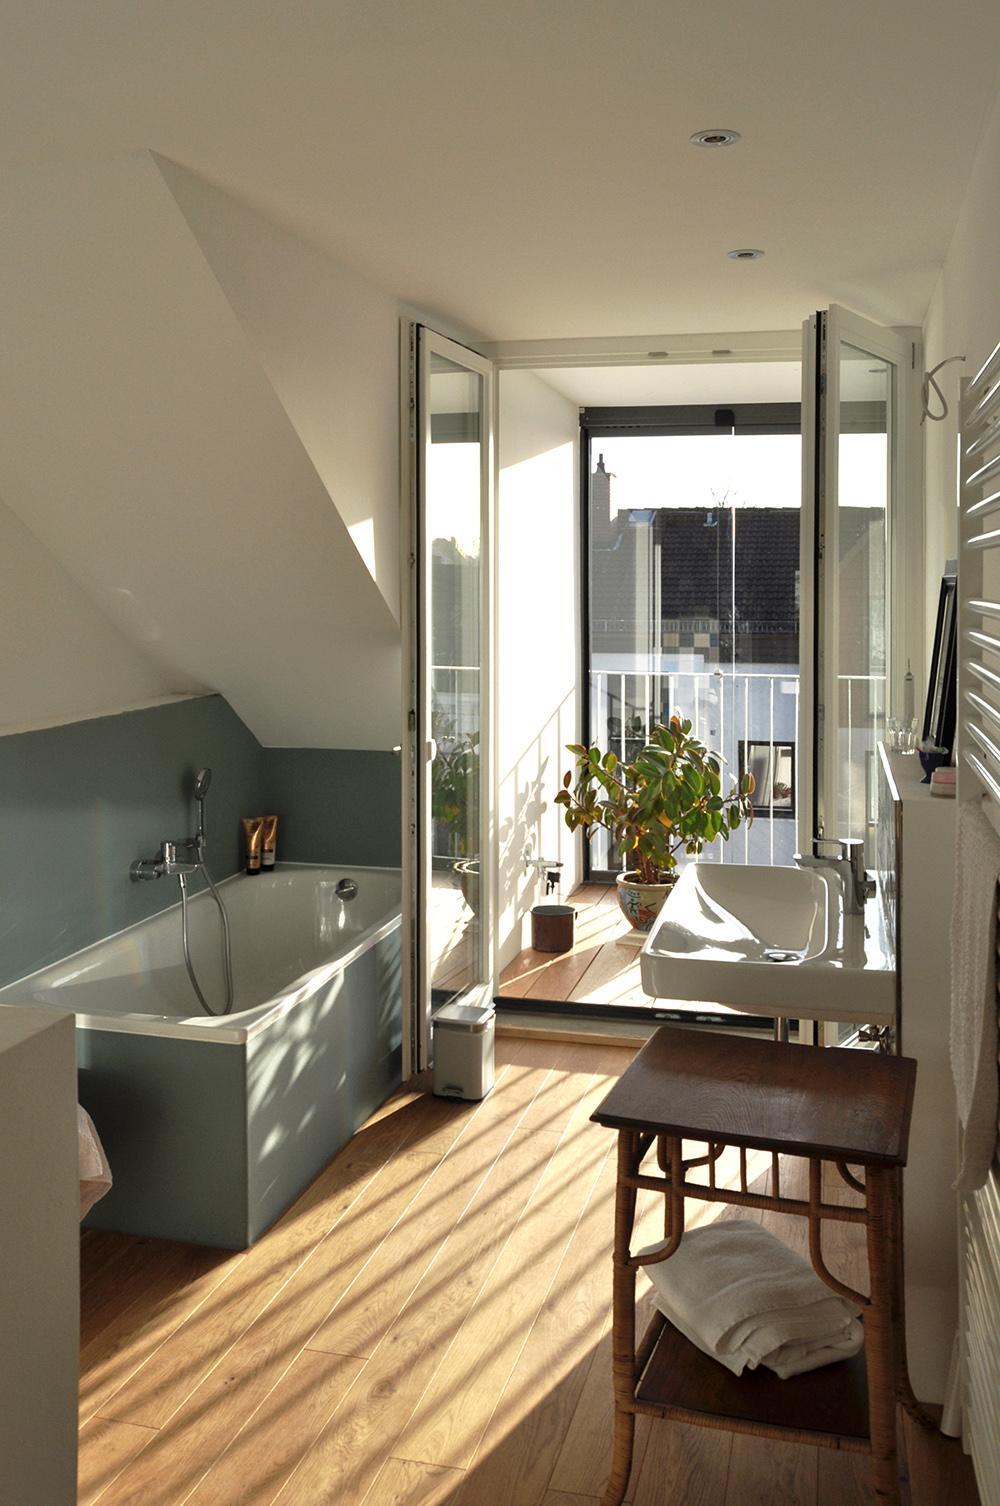 Badezimmer An Der Dachgaube Bad Badezimmer Ronald Kirsch With Badezimmer  Farbkonzept